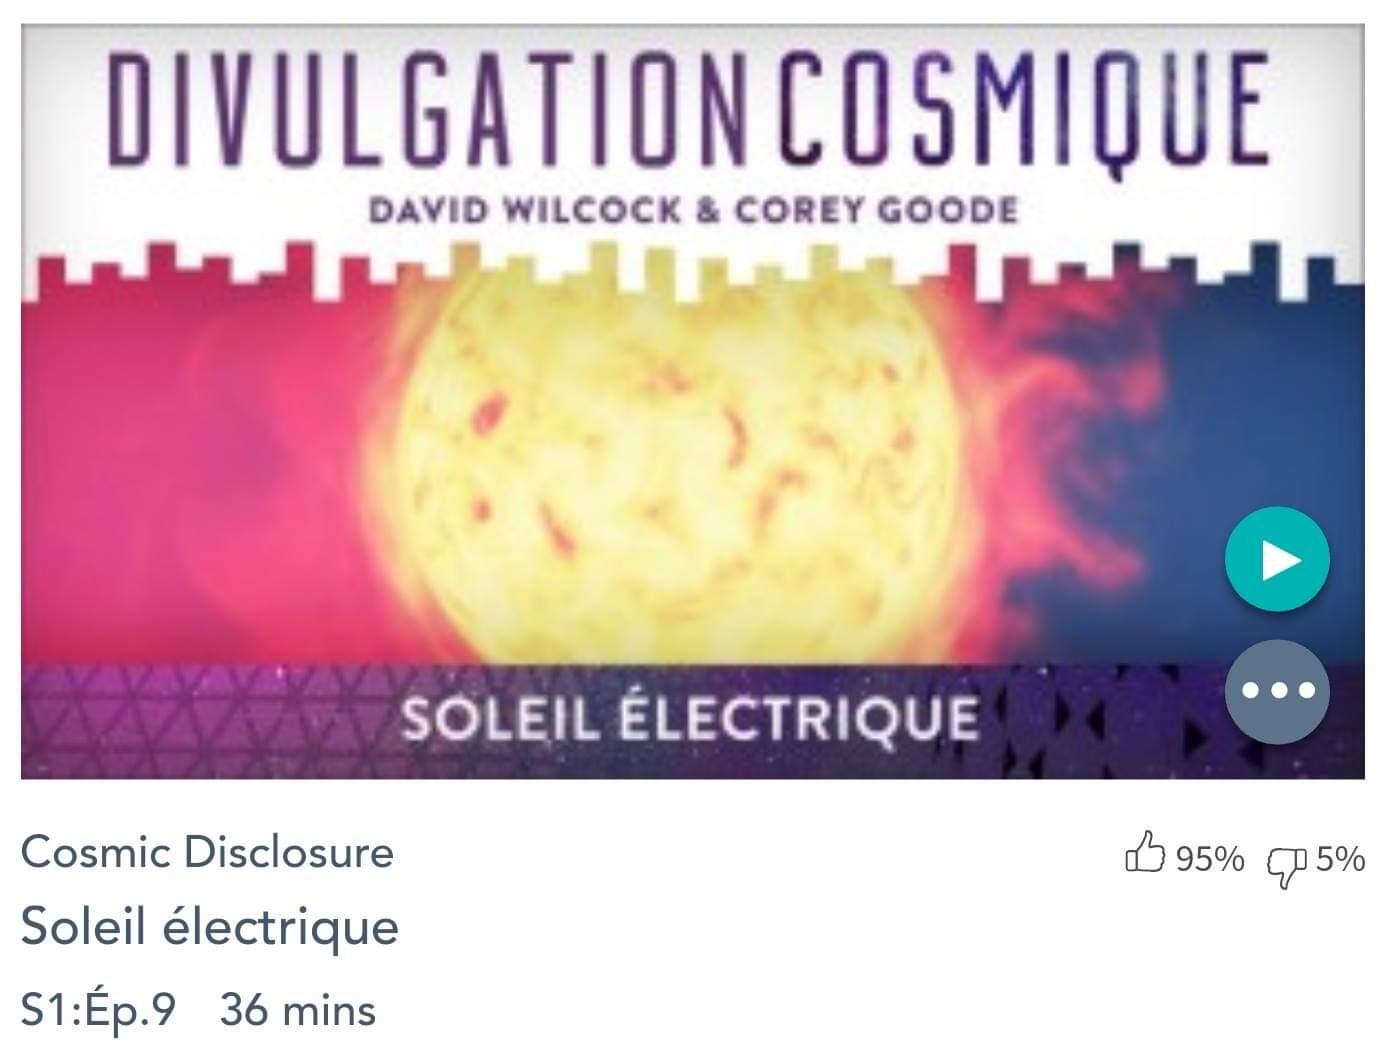 Émission « DIVULGATION COSMIQUE», l'intégrale. Saison 1, épisode 9/14 : SOLEIL ÉLECTRIQUE